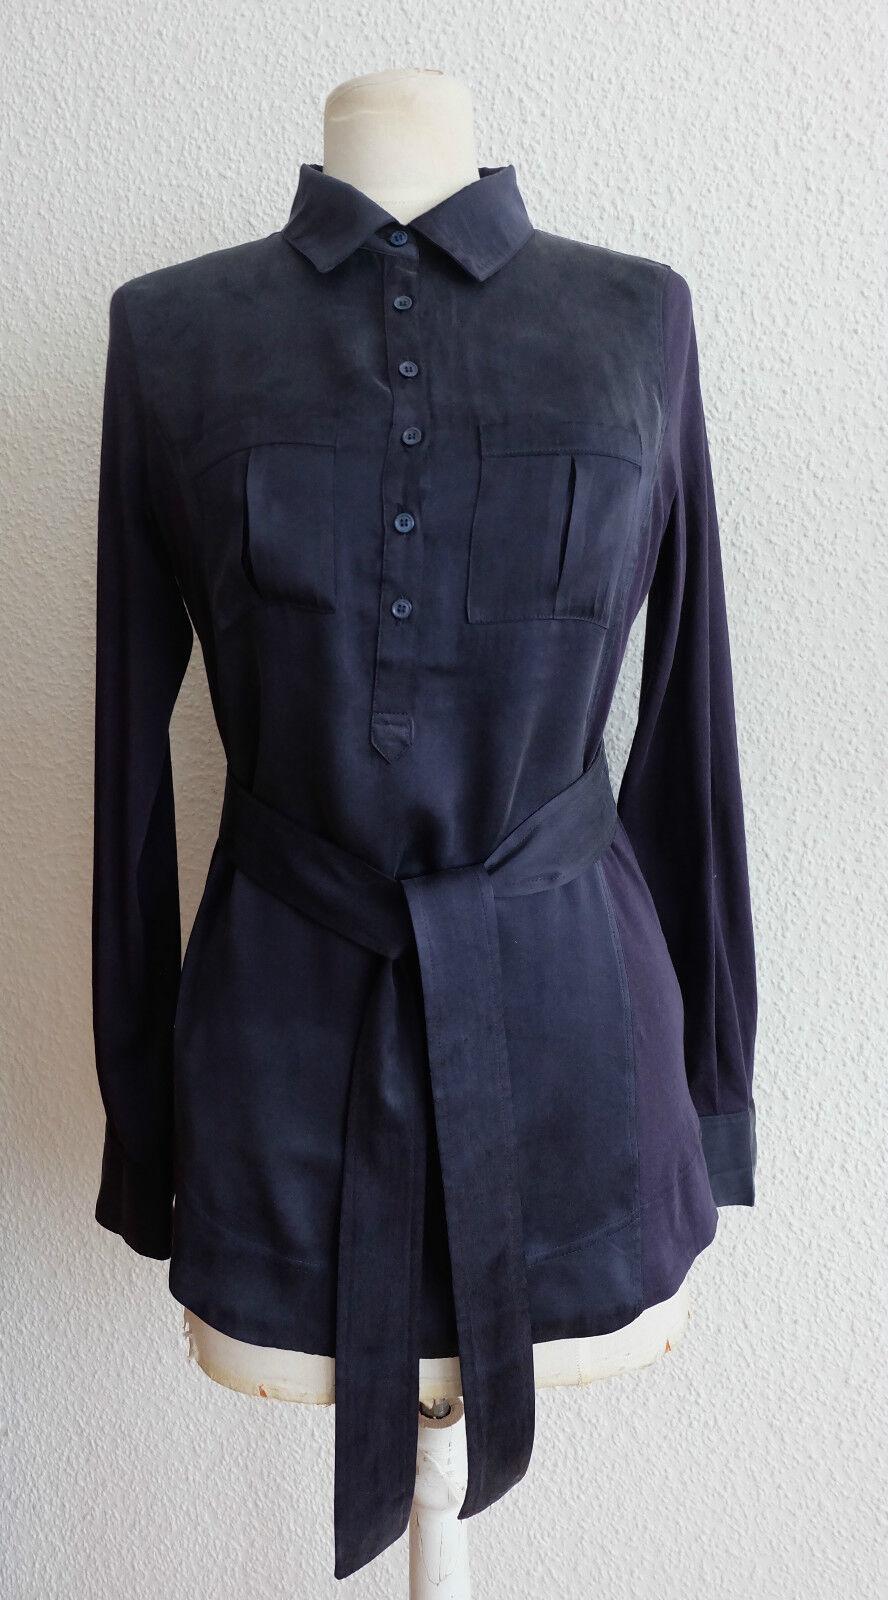 COMPTOIR DES COTONNIER Nachtblaue Seiden Blause mit Krawatte, Gürtel, Hemdkragen